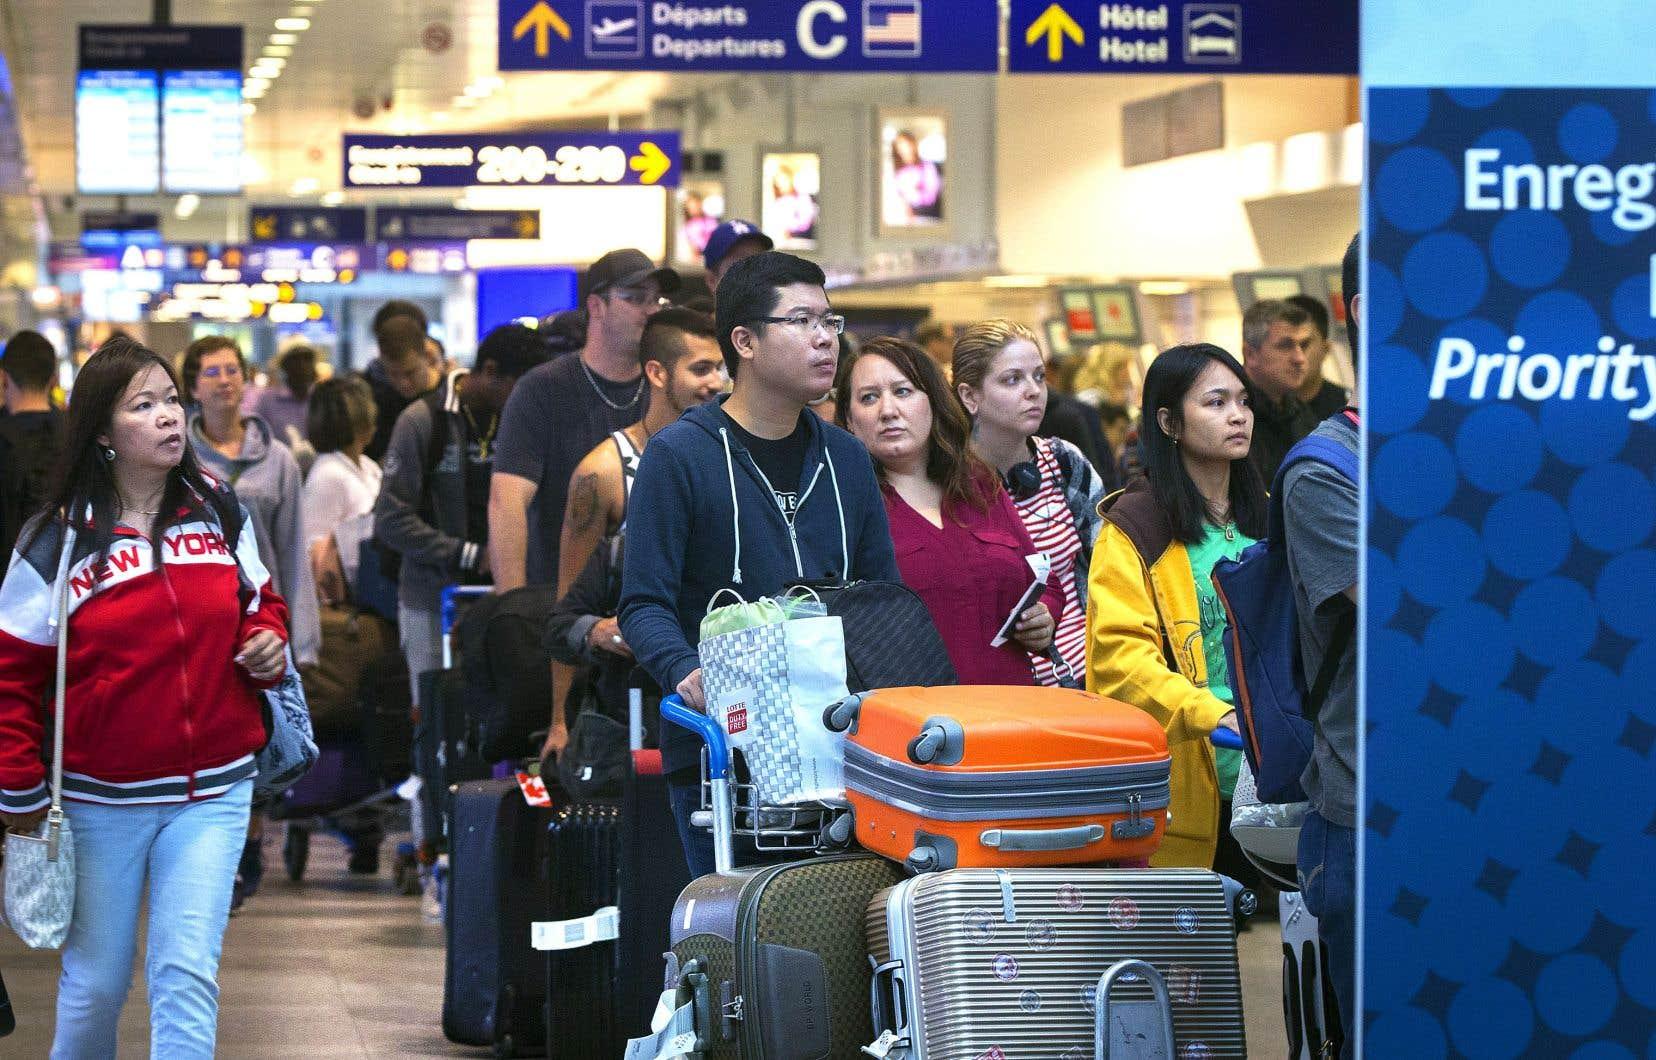 Les transporteurs aériens auront l'obligation de faire débarquer les passagers lorsqu'un aéronef est coincé sur le tarmac durant plus de trois heures.